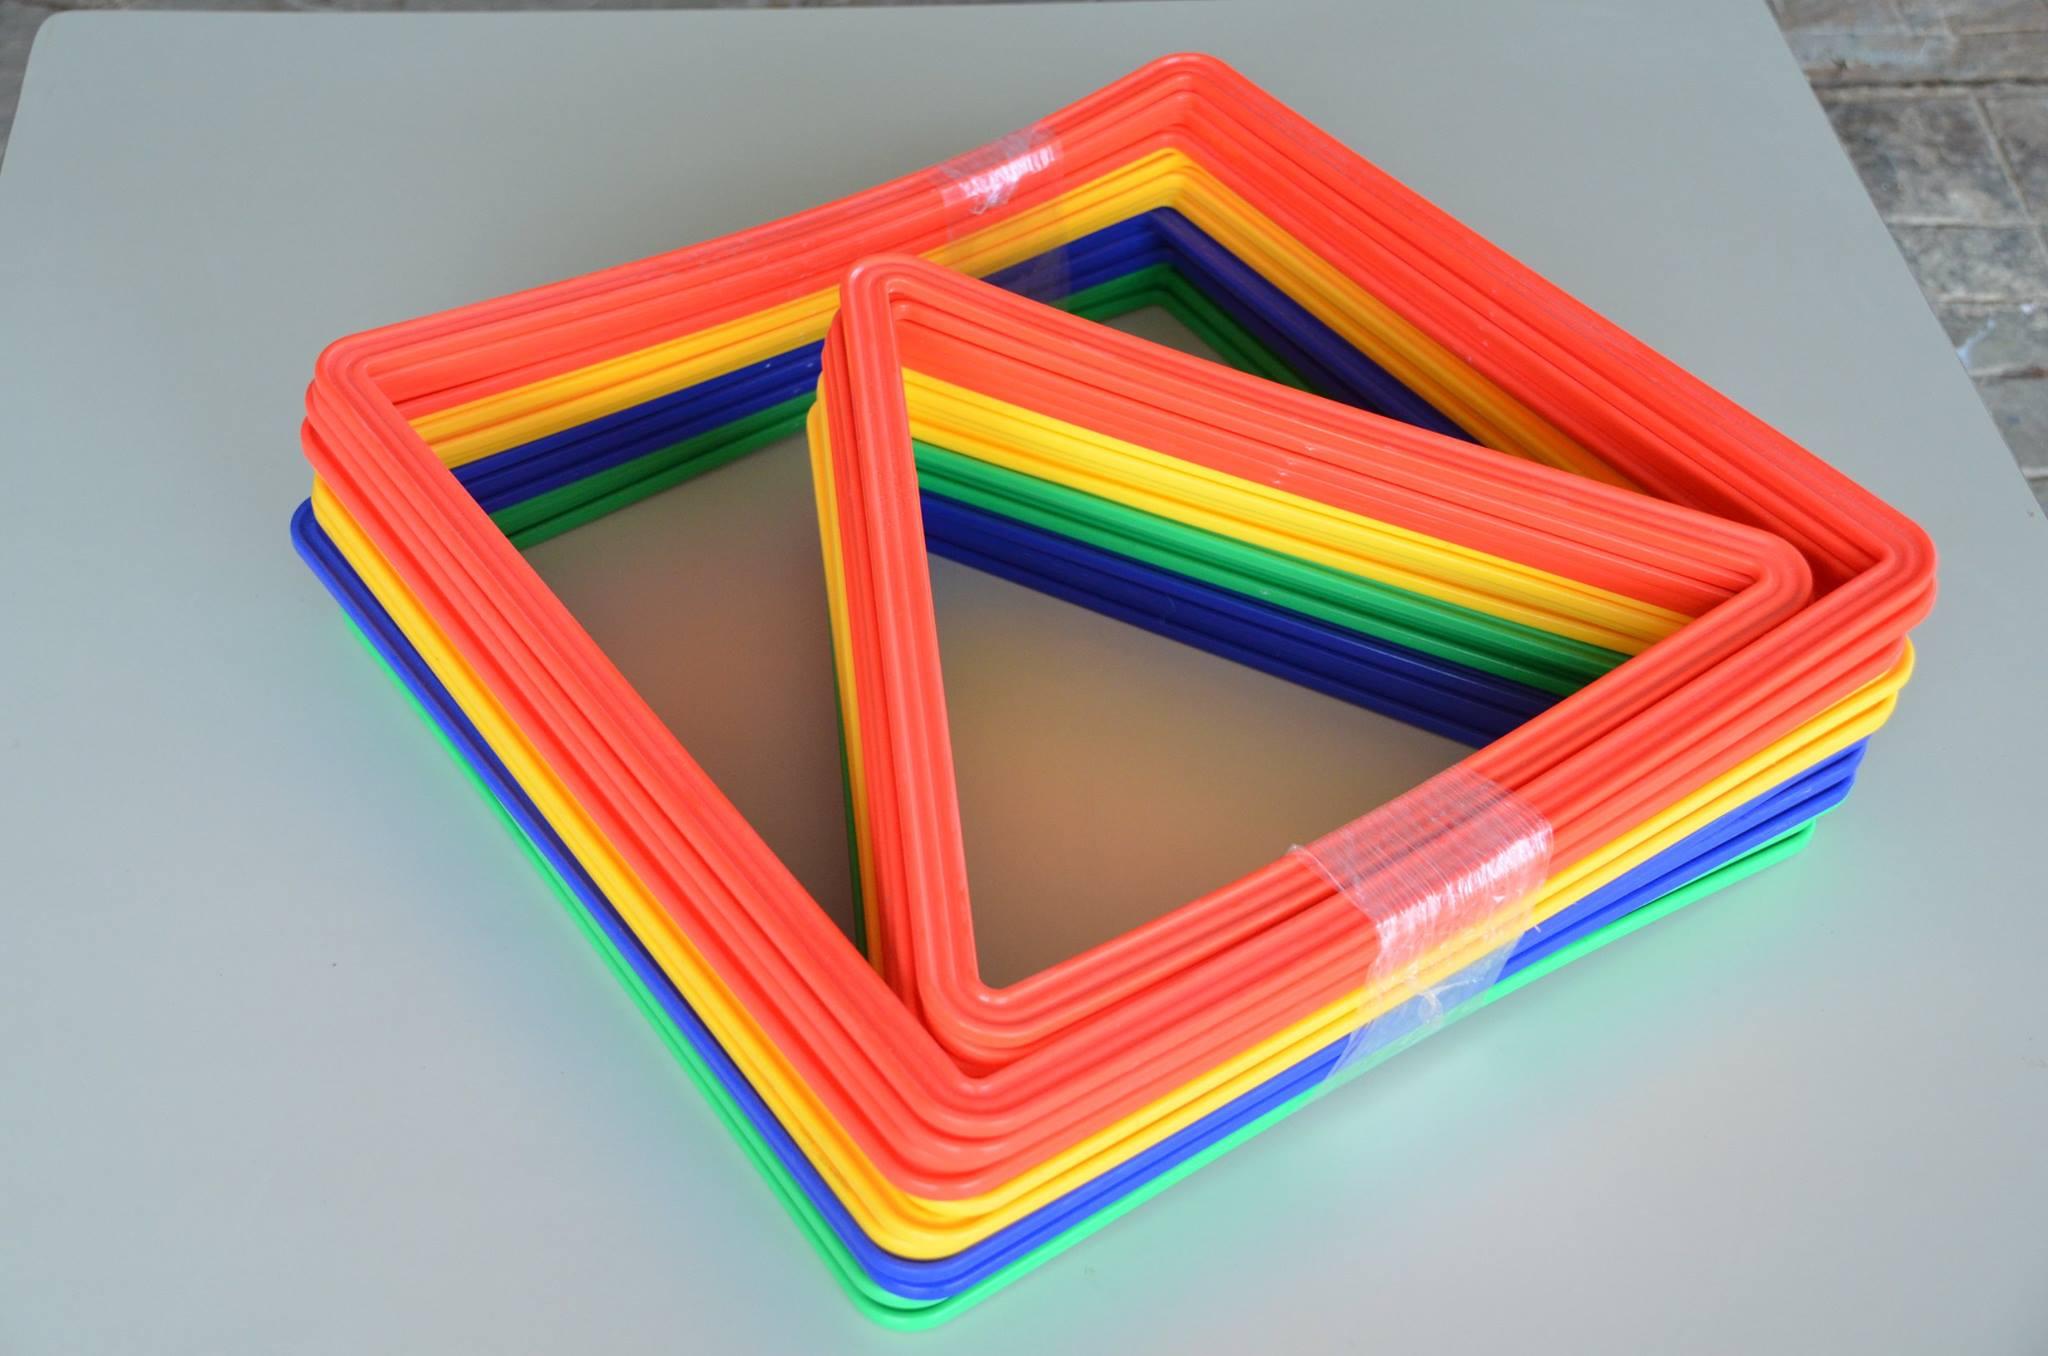 بالصور اشكال هندسية , اشكال هندسية جميلة ومتنوعة 3671 4